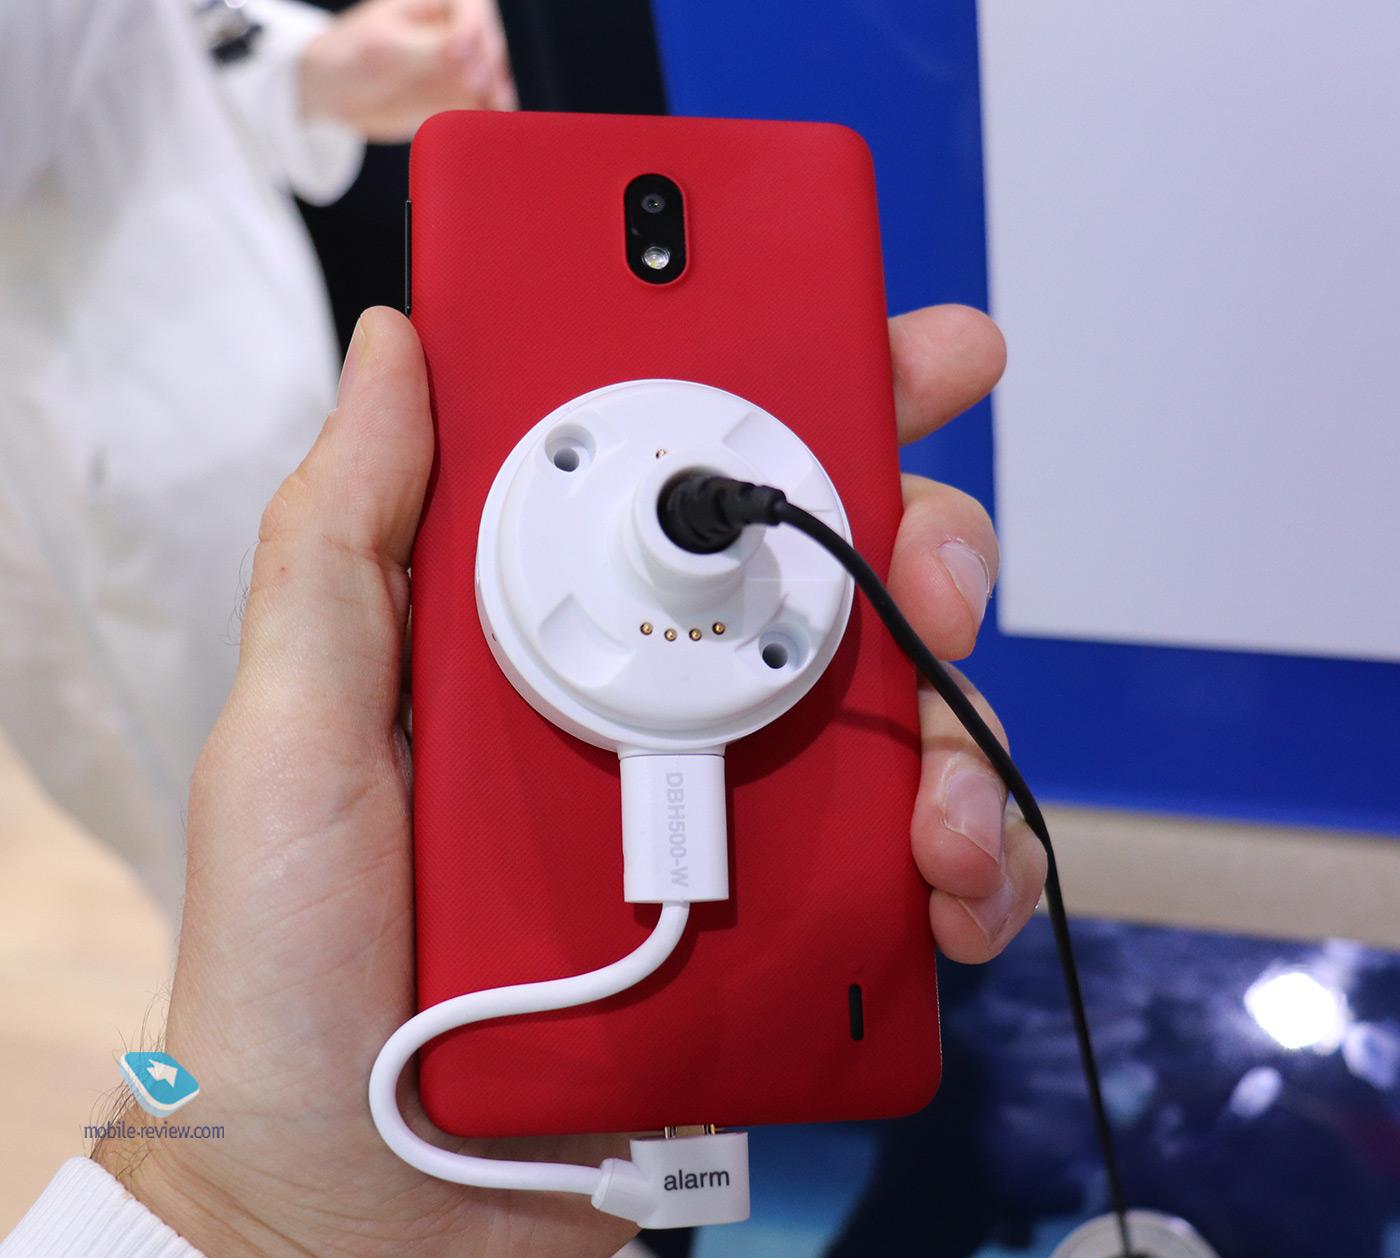 5 камер на Nokia 9 PureView – мало или достаточно? Все анонсы Nokia на MWC 2019